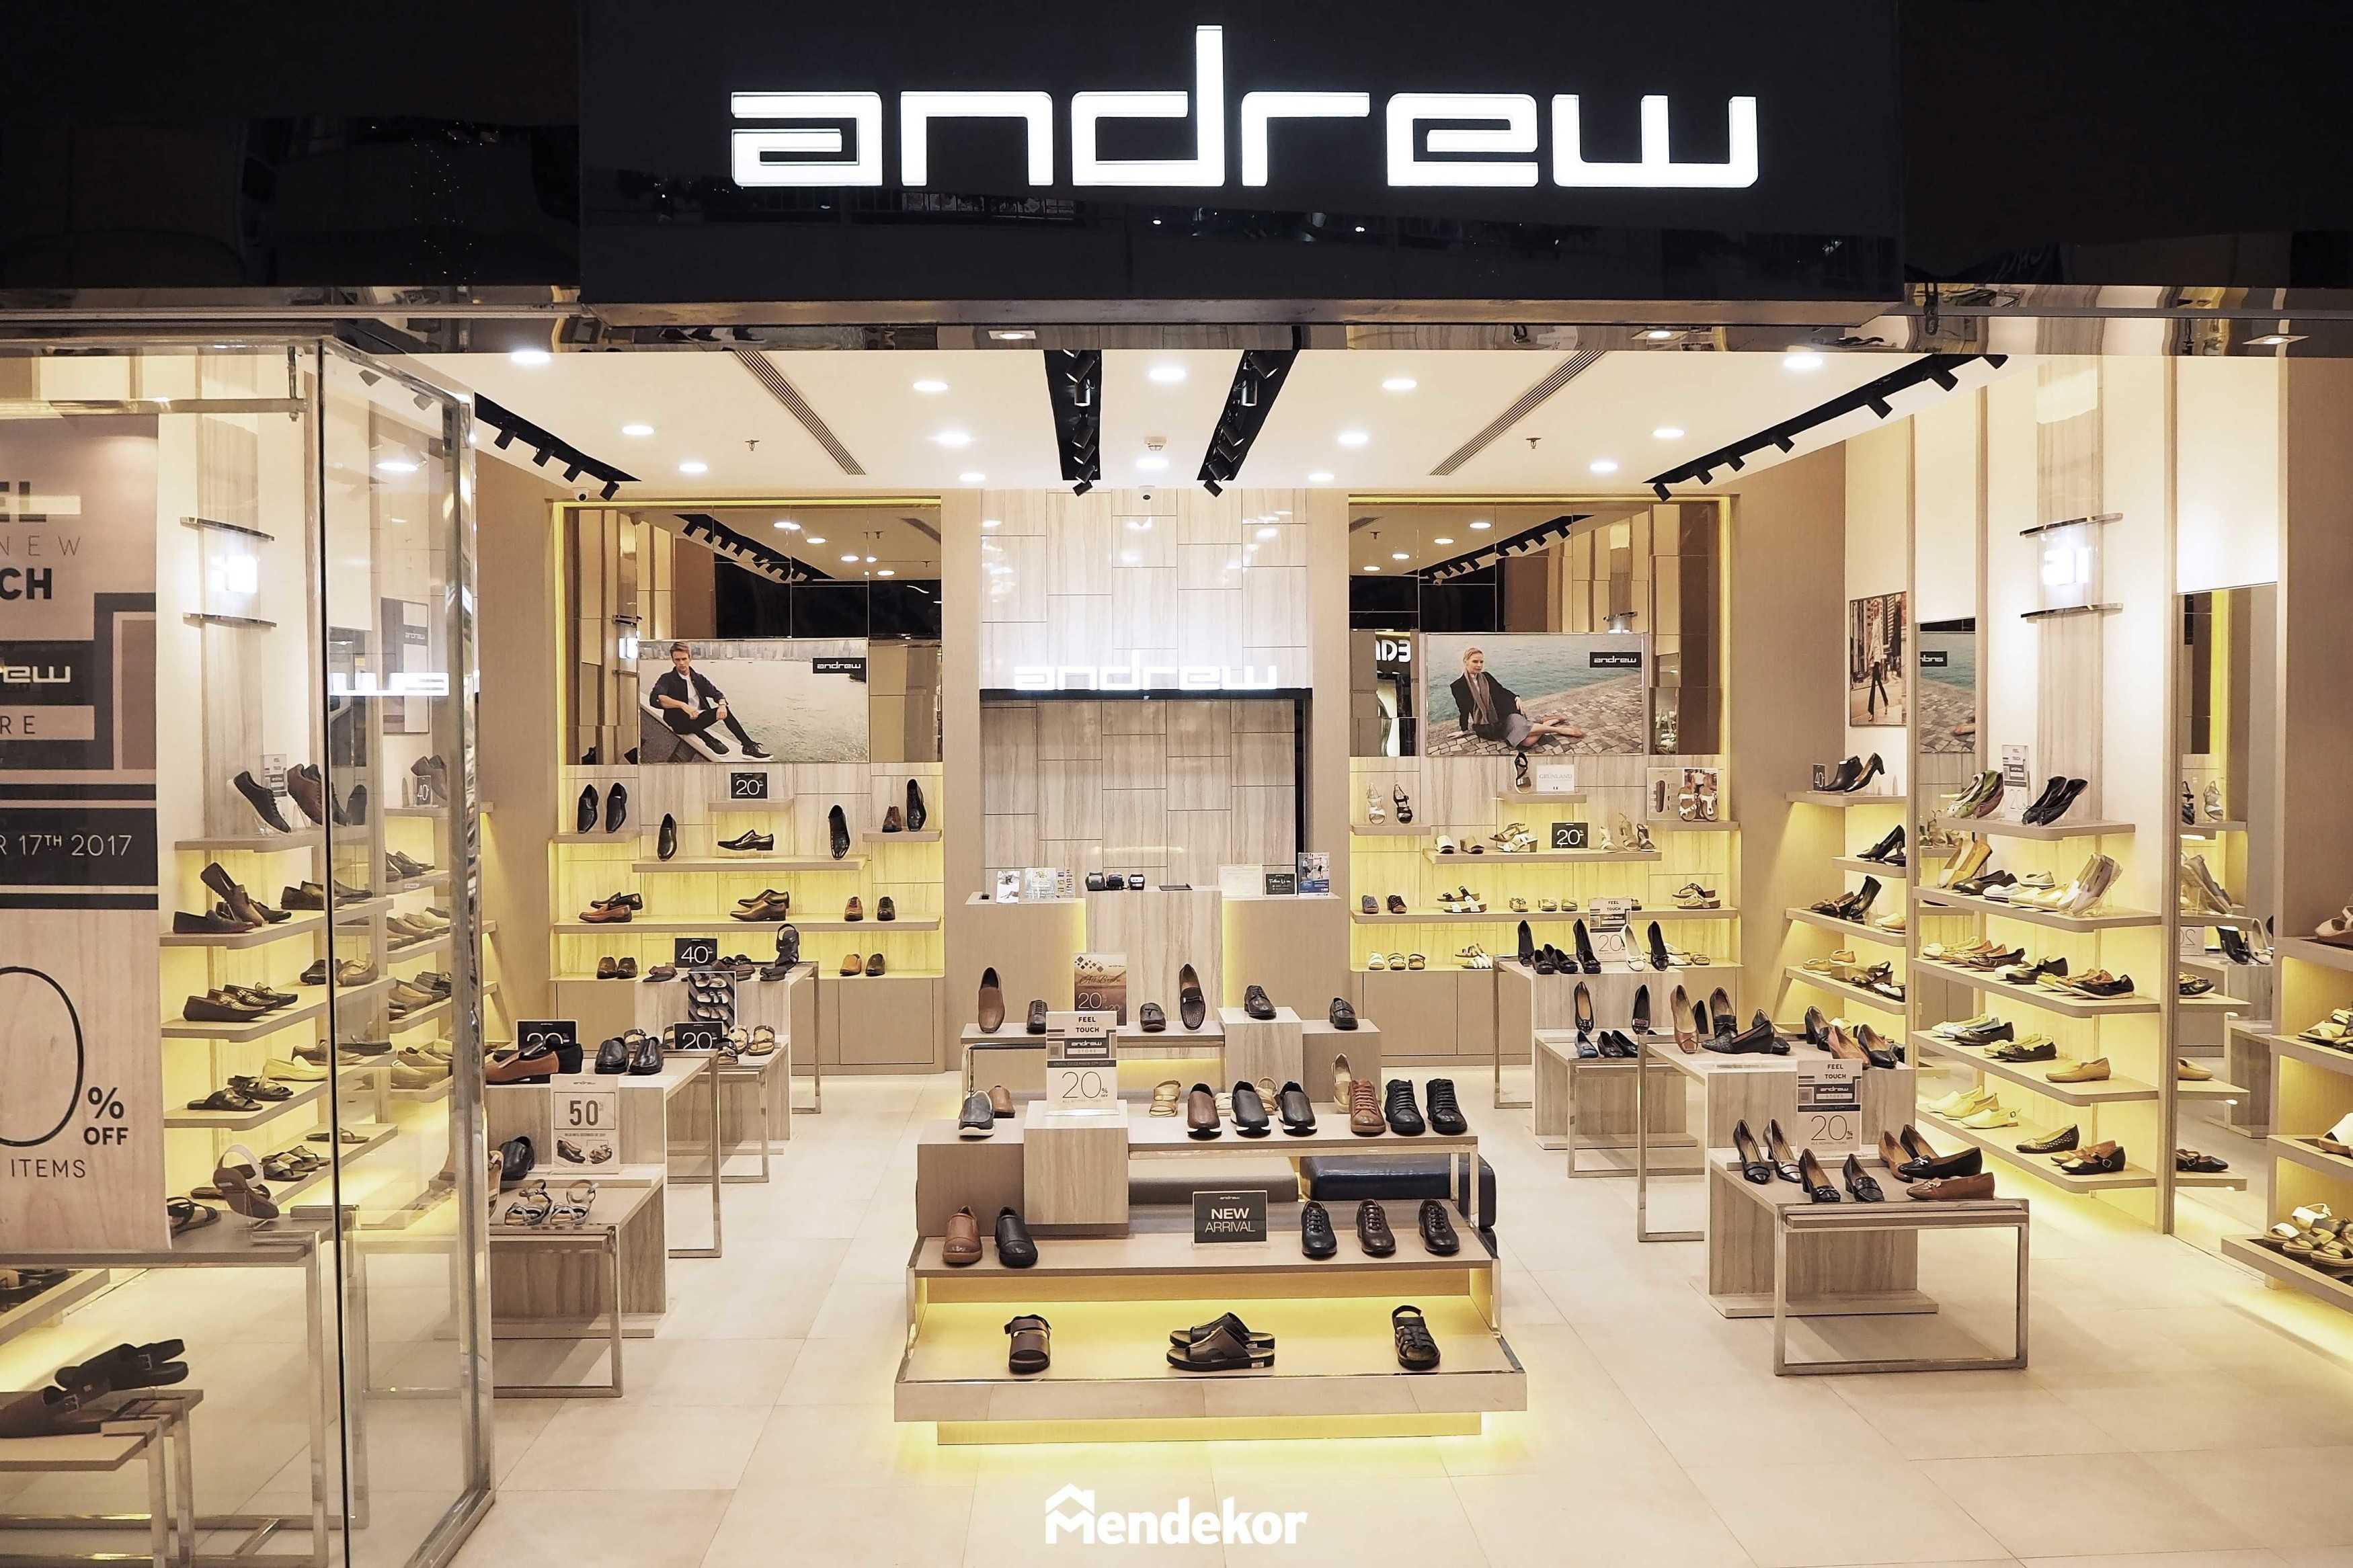 Mendekor Andrew Sms Tangerang, Kota Tangerang, Banten, Indonesia Tangerang, Kota Tangerang, Banten, Indonesia Andrew, Sms Modern  45997